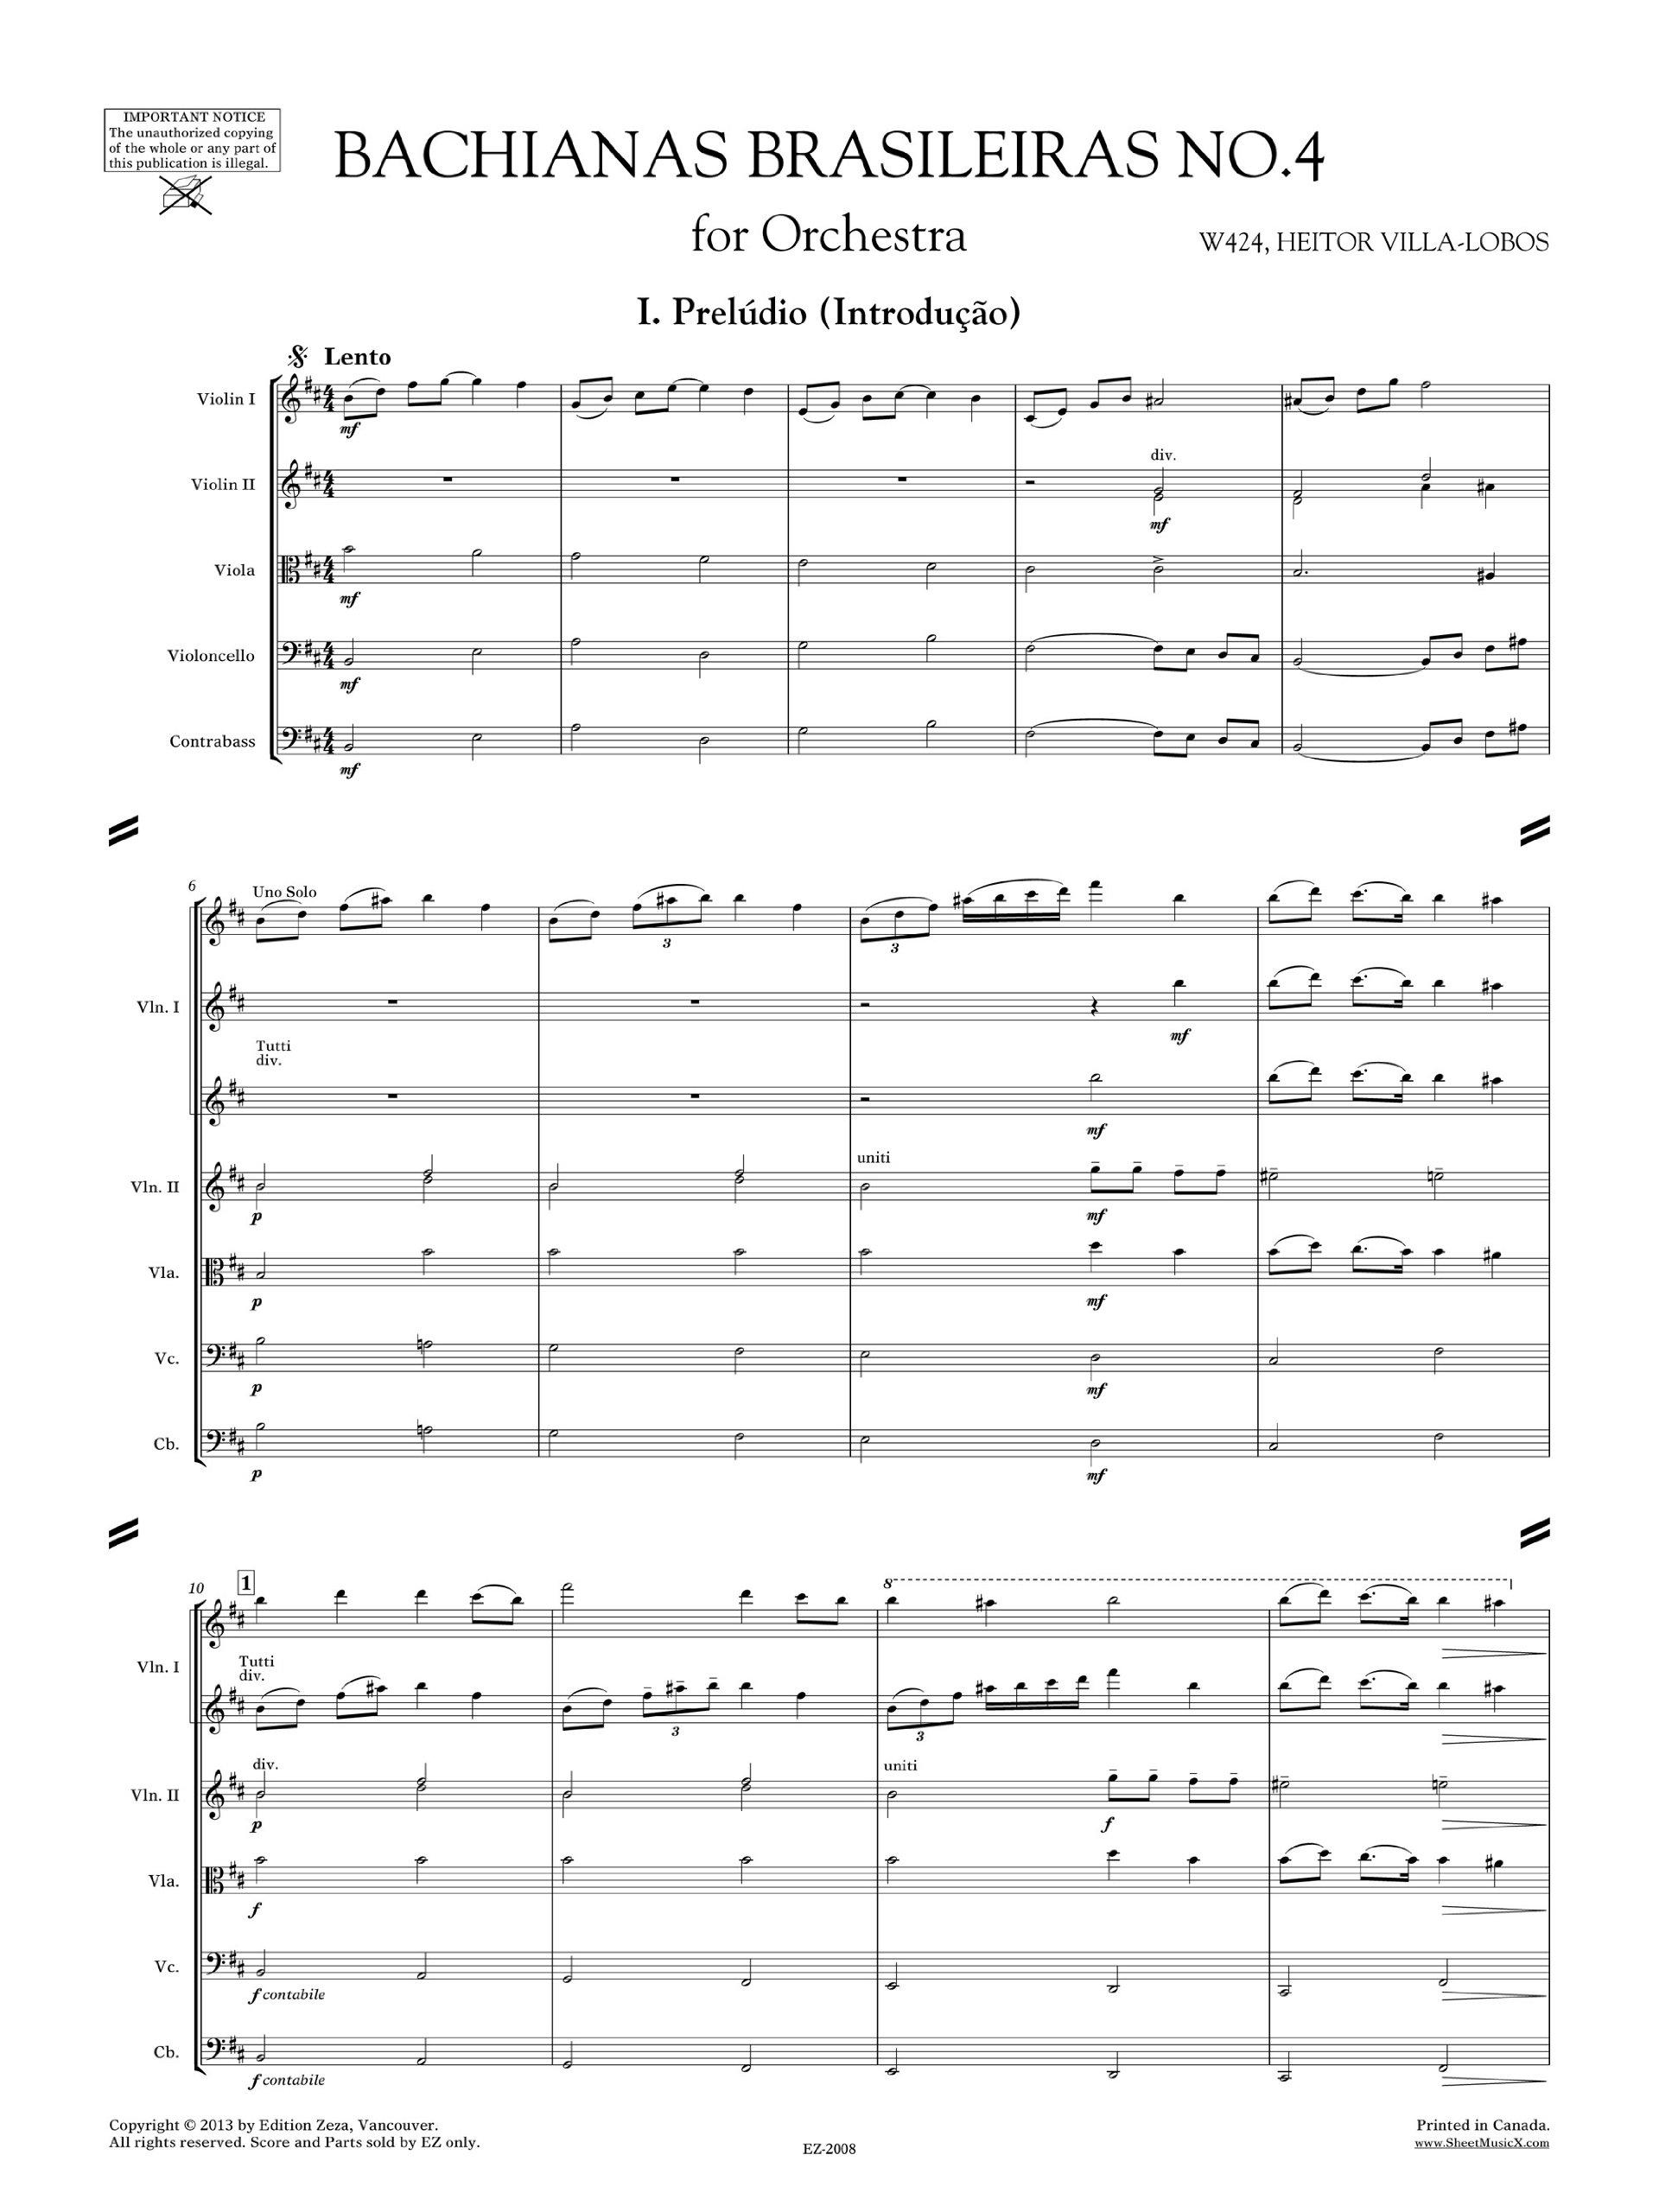 Villa-Lobos Bachianas Brasileiras No.4 for Orchestra W424 (Full Score 9x12) EZ-2008: Heitor Villa-Lobos: Amazon.com: Books